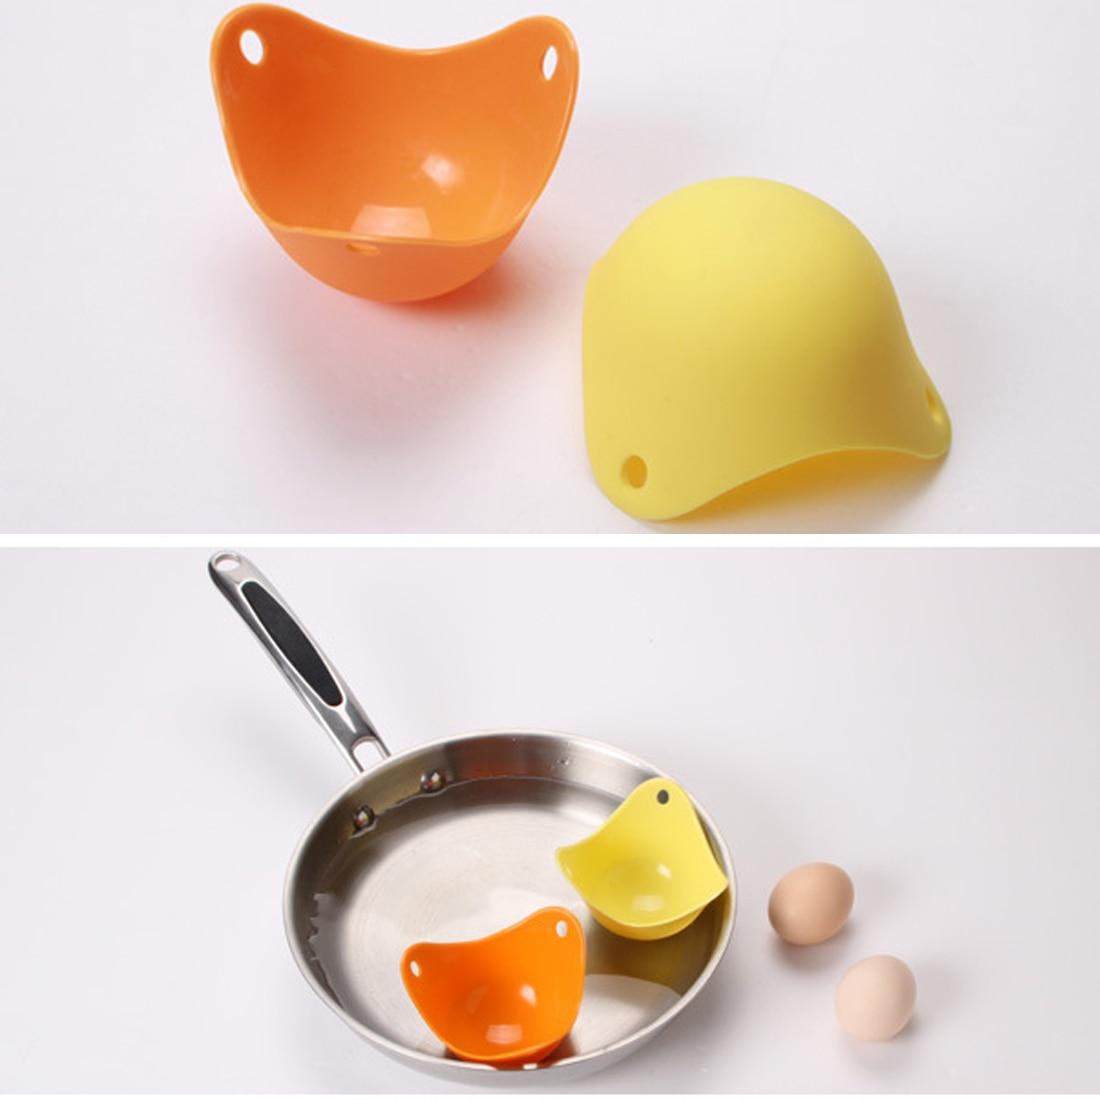 Encantador Utensilios De Cocina Calientes 2013 Ilustración - Ideas ...